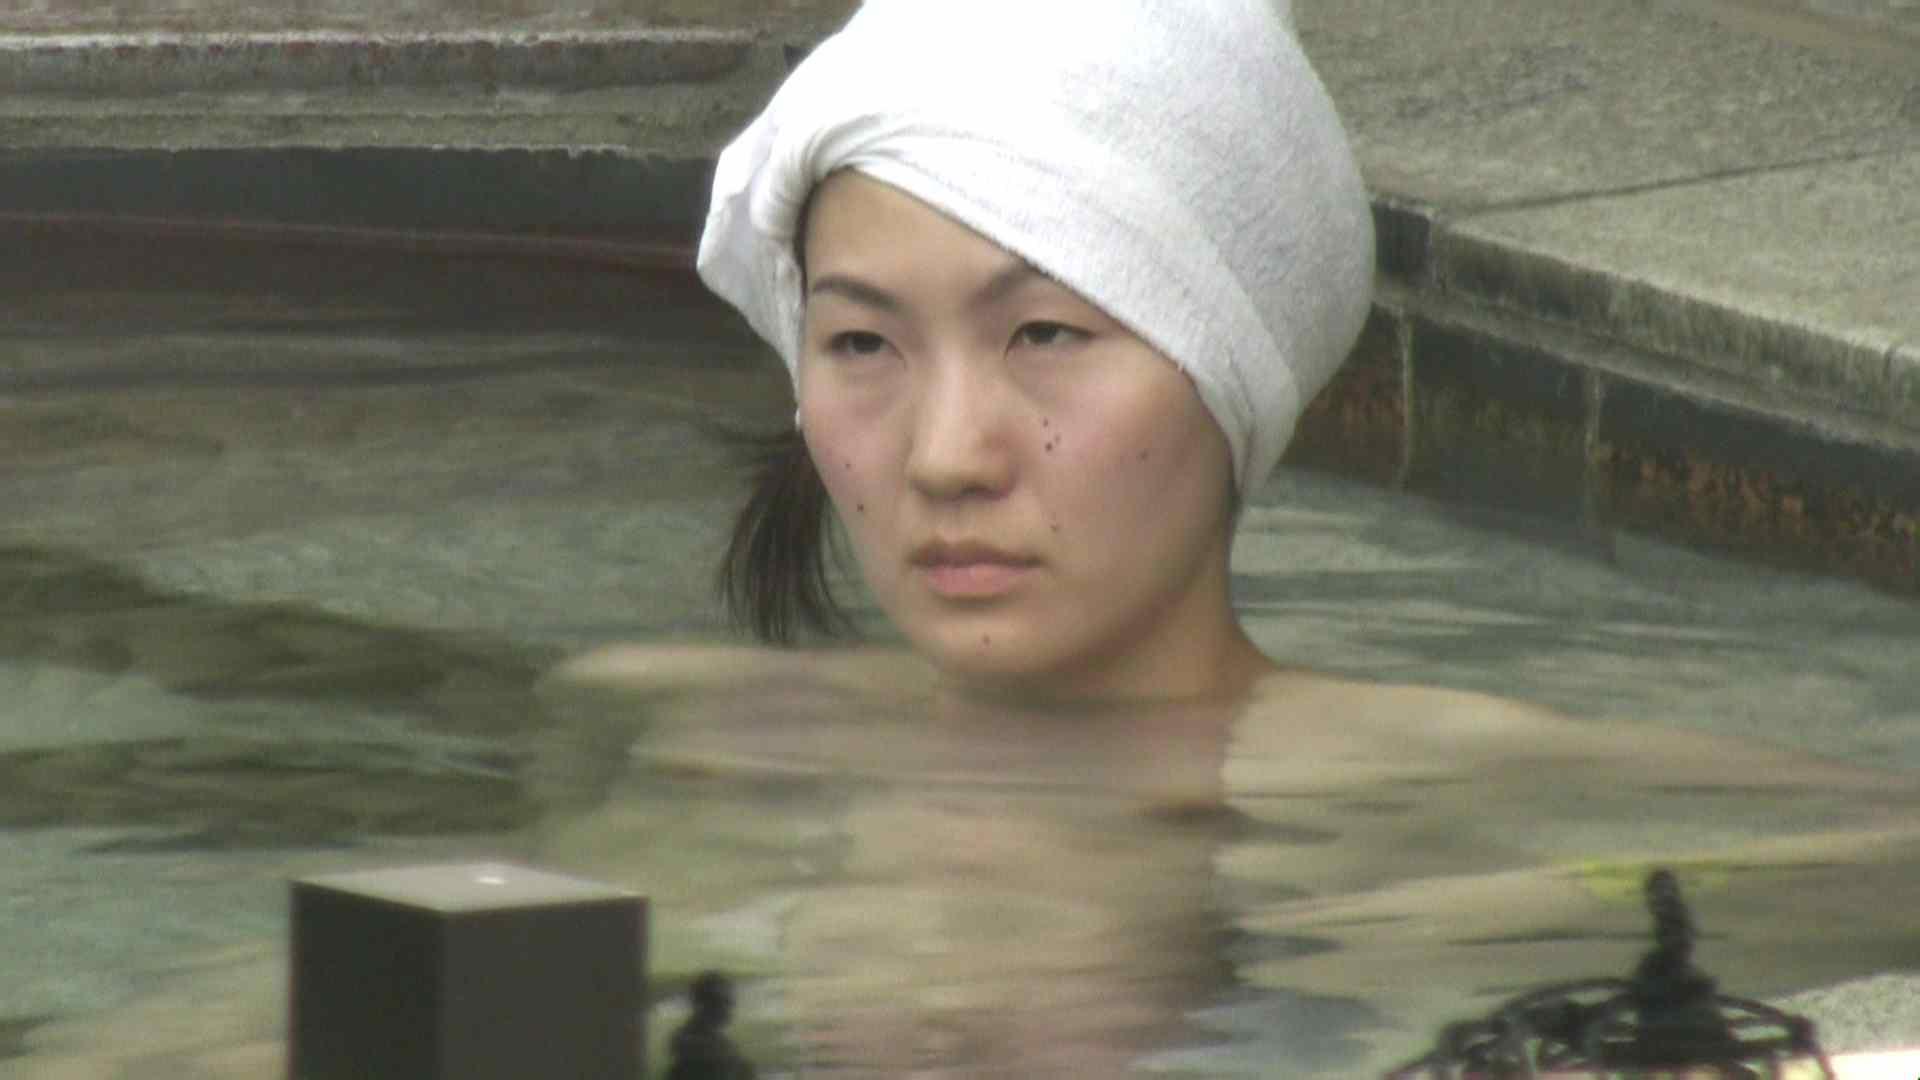 高画質露天女風呂観察 vol.034 女風呂 | Hな乙女  49pic 25